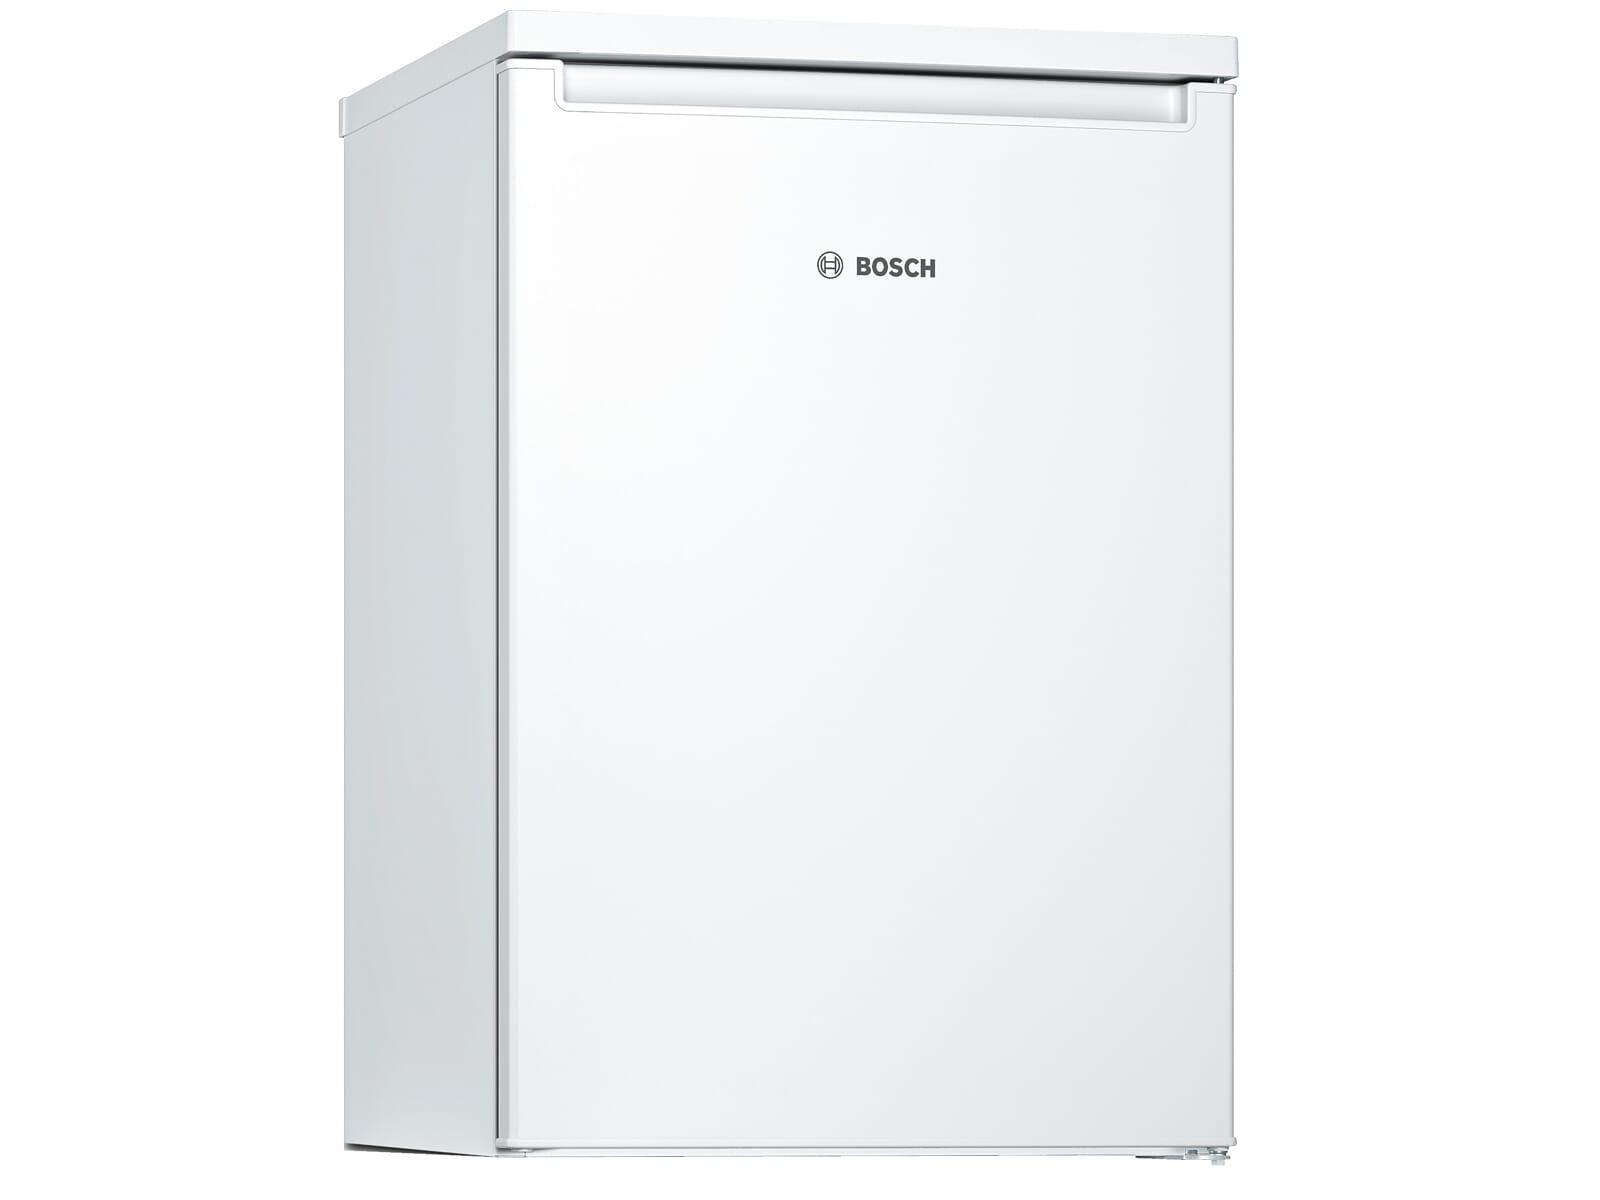 Bosch KTR15NWFA Tischkühlschrank Weiß